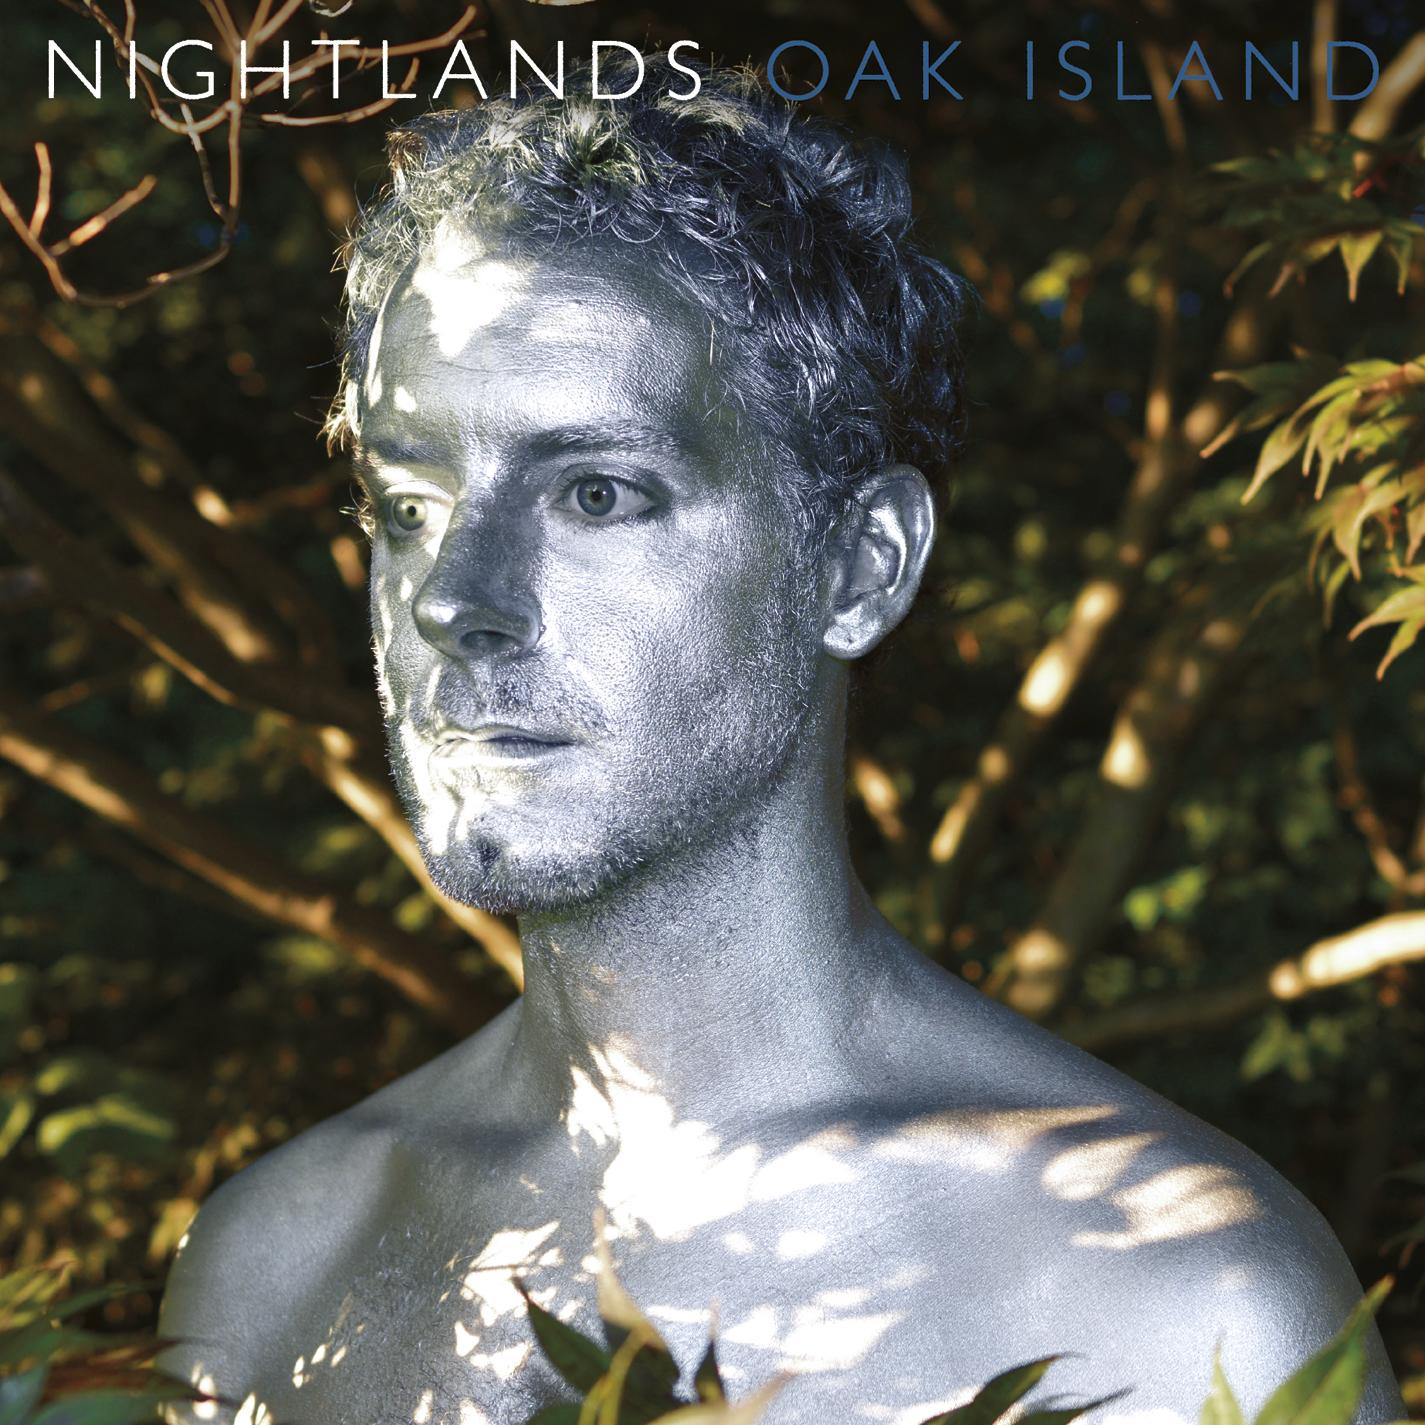 Nightlands' Oak Island is out now.